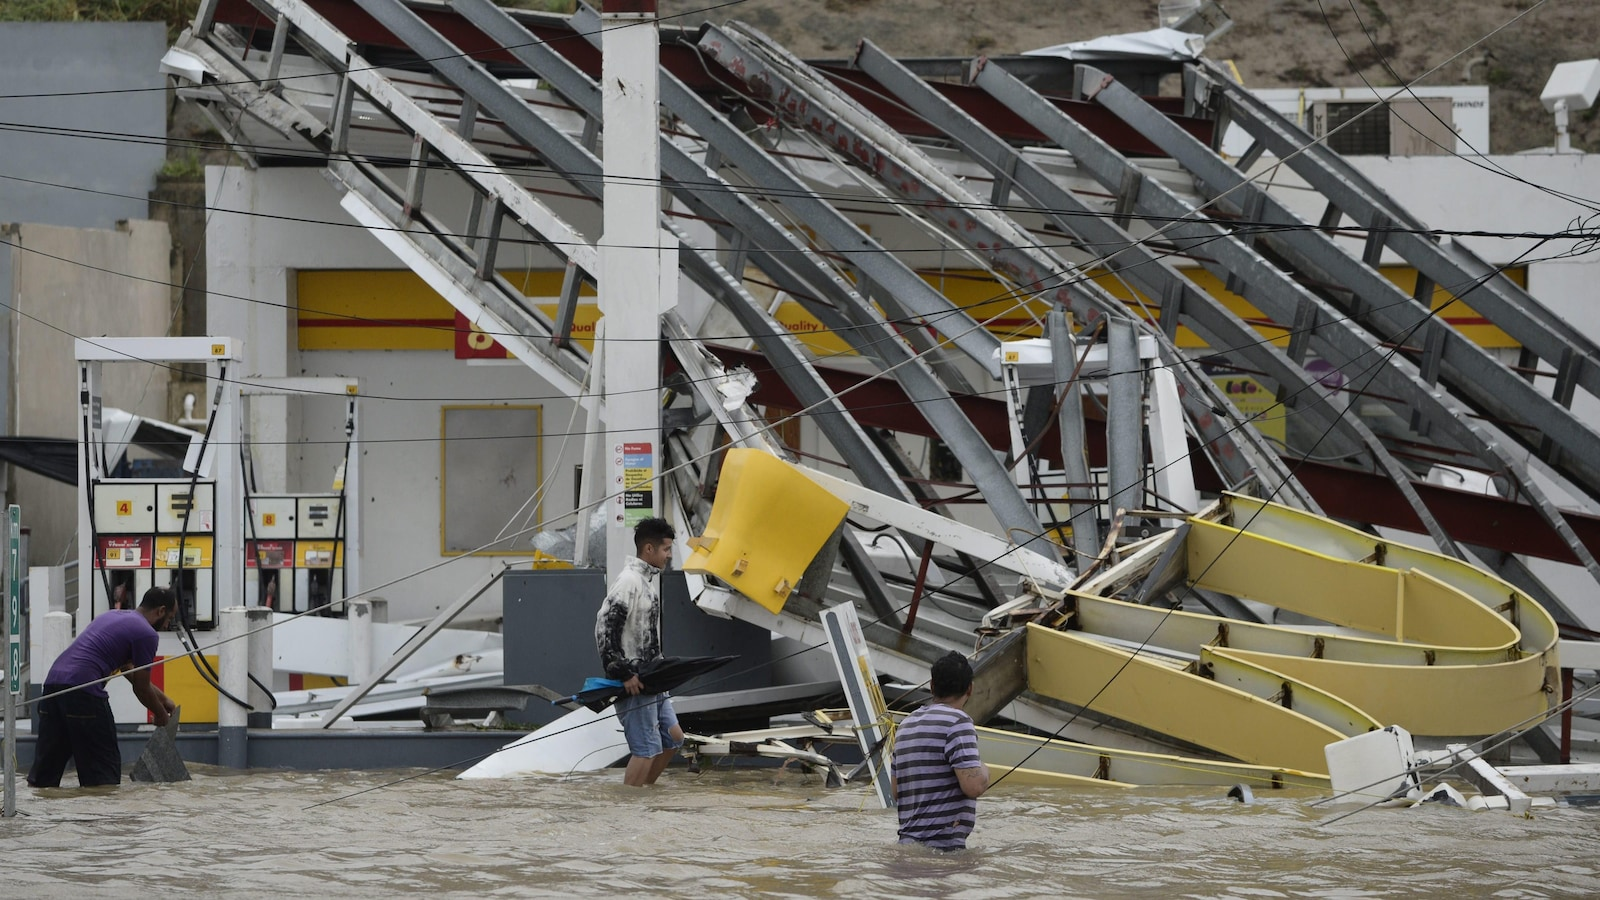 Une station d'essence de Porto Rico lourdement endommagée par l'ouragan Maria.